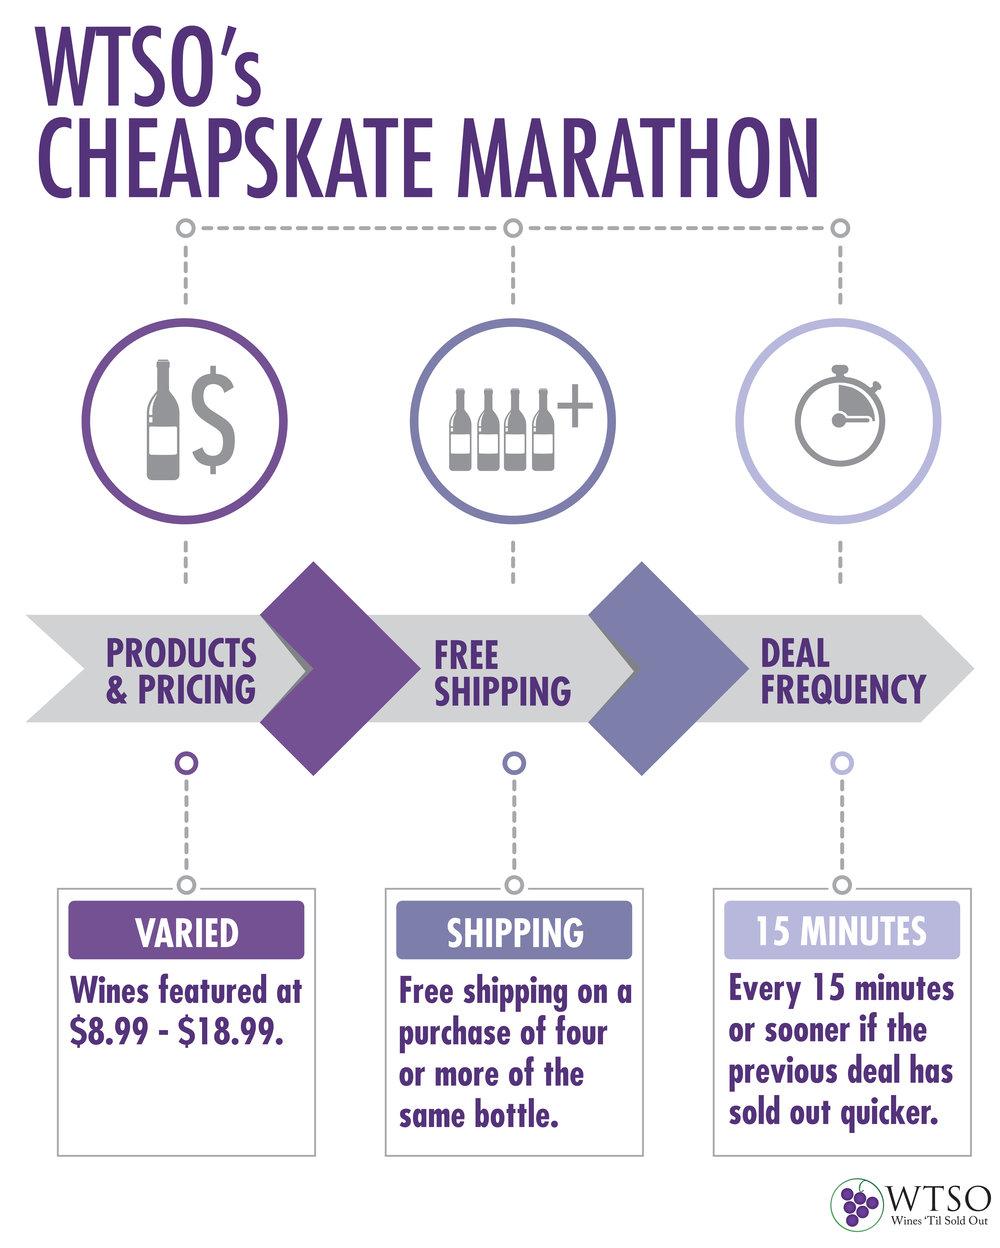 CheapskateMarathon_Infographic-01.jpg